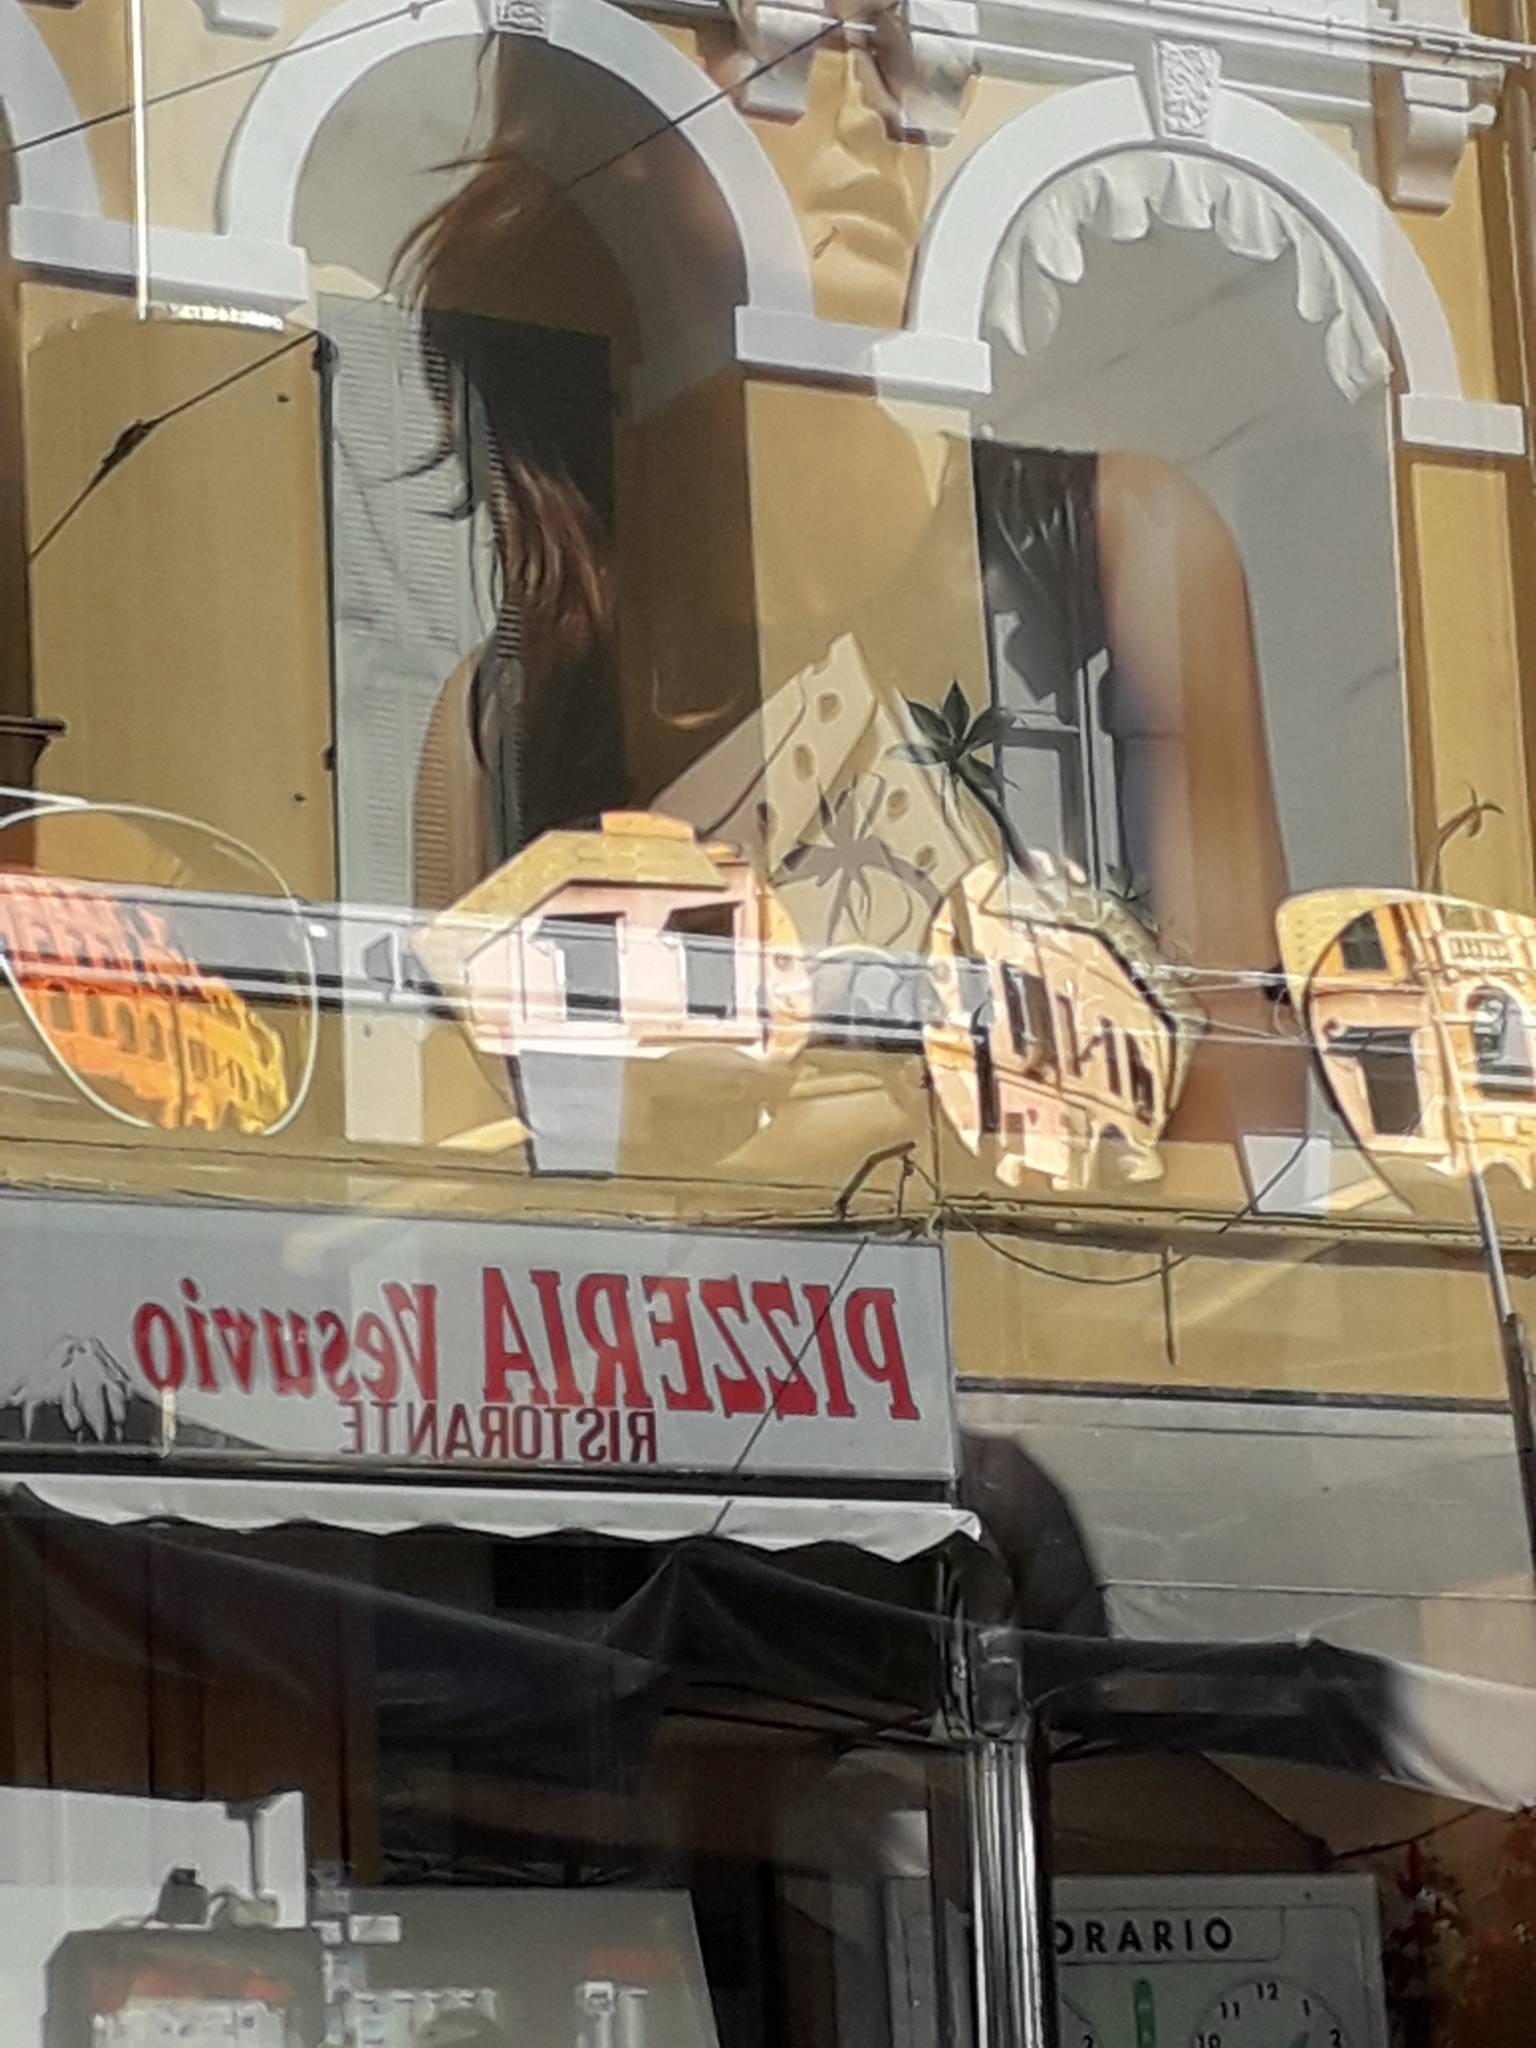 reflets d'affiches de maisons dans une vitrine